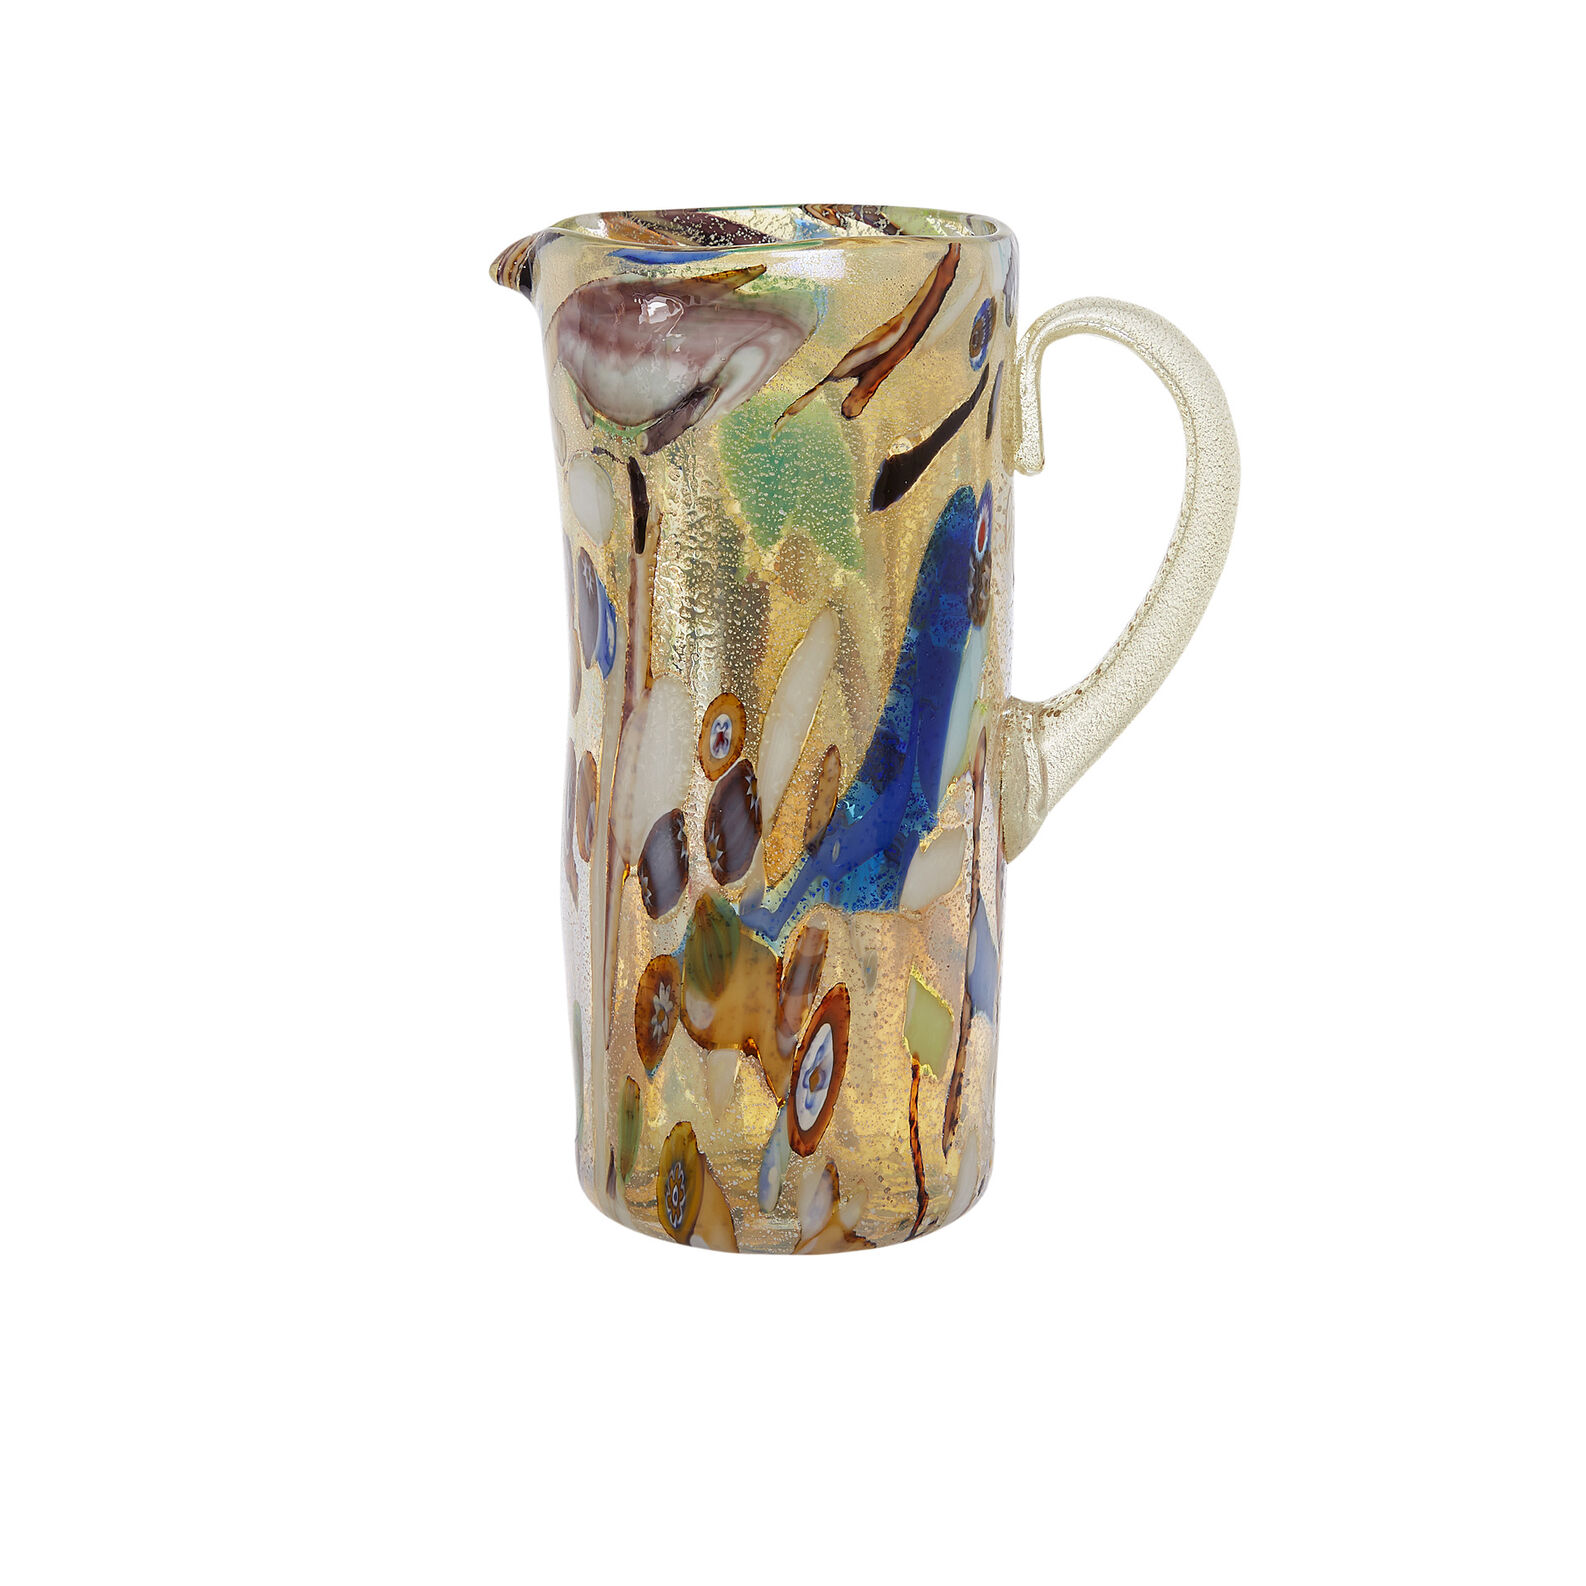 Caraffa vetro di Murano Mosaico